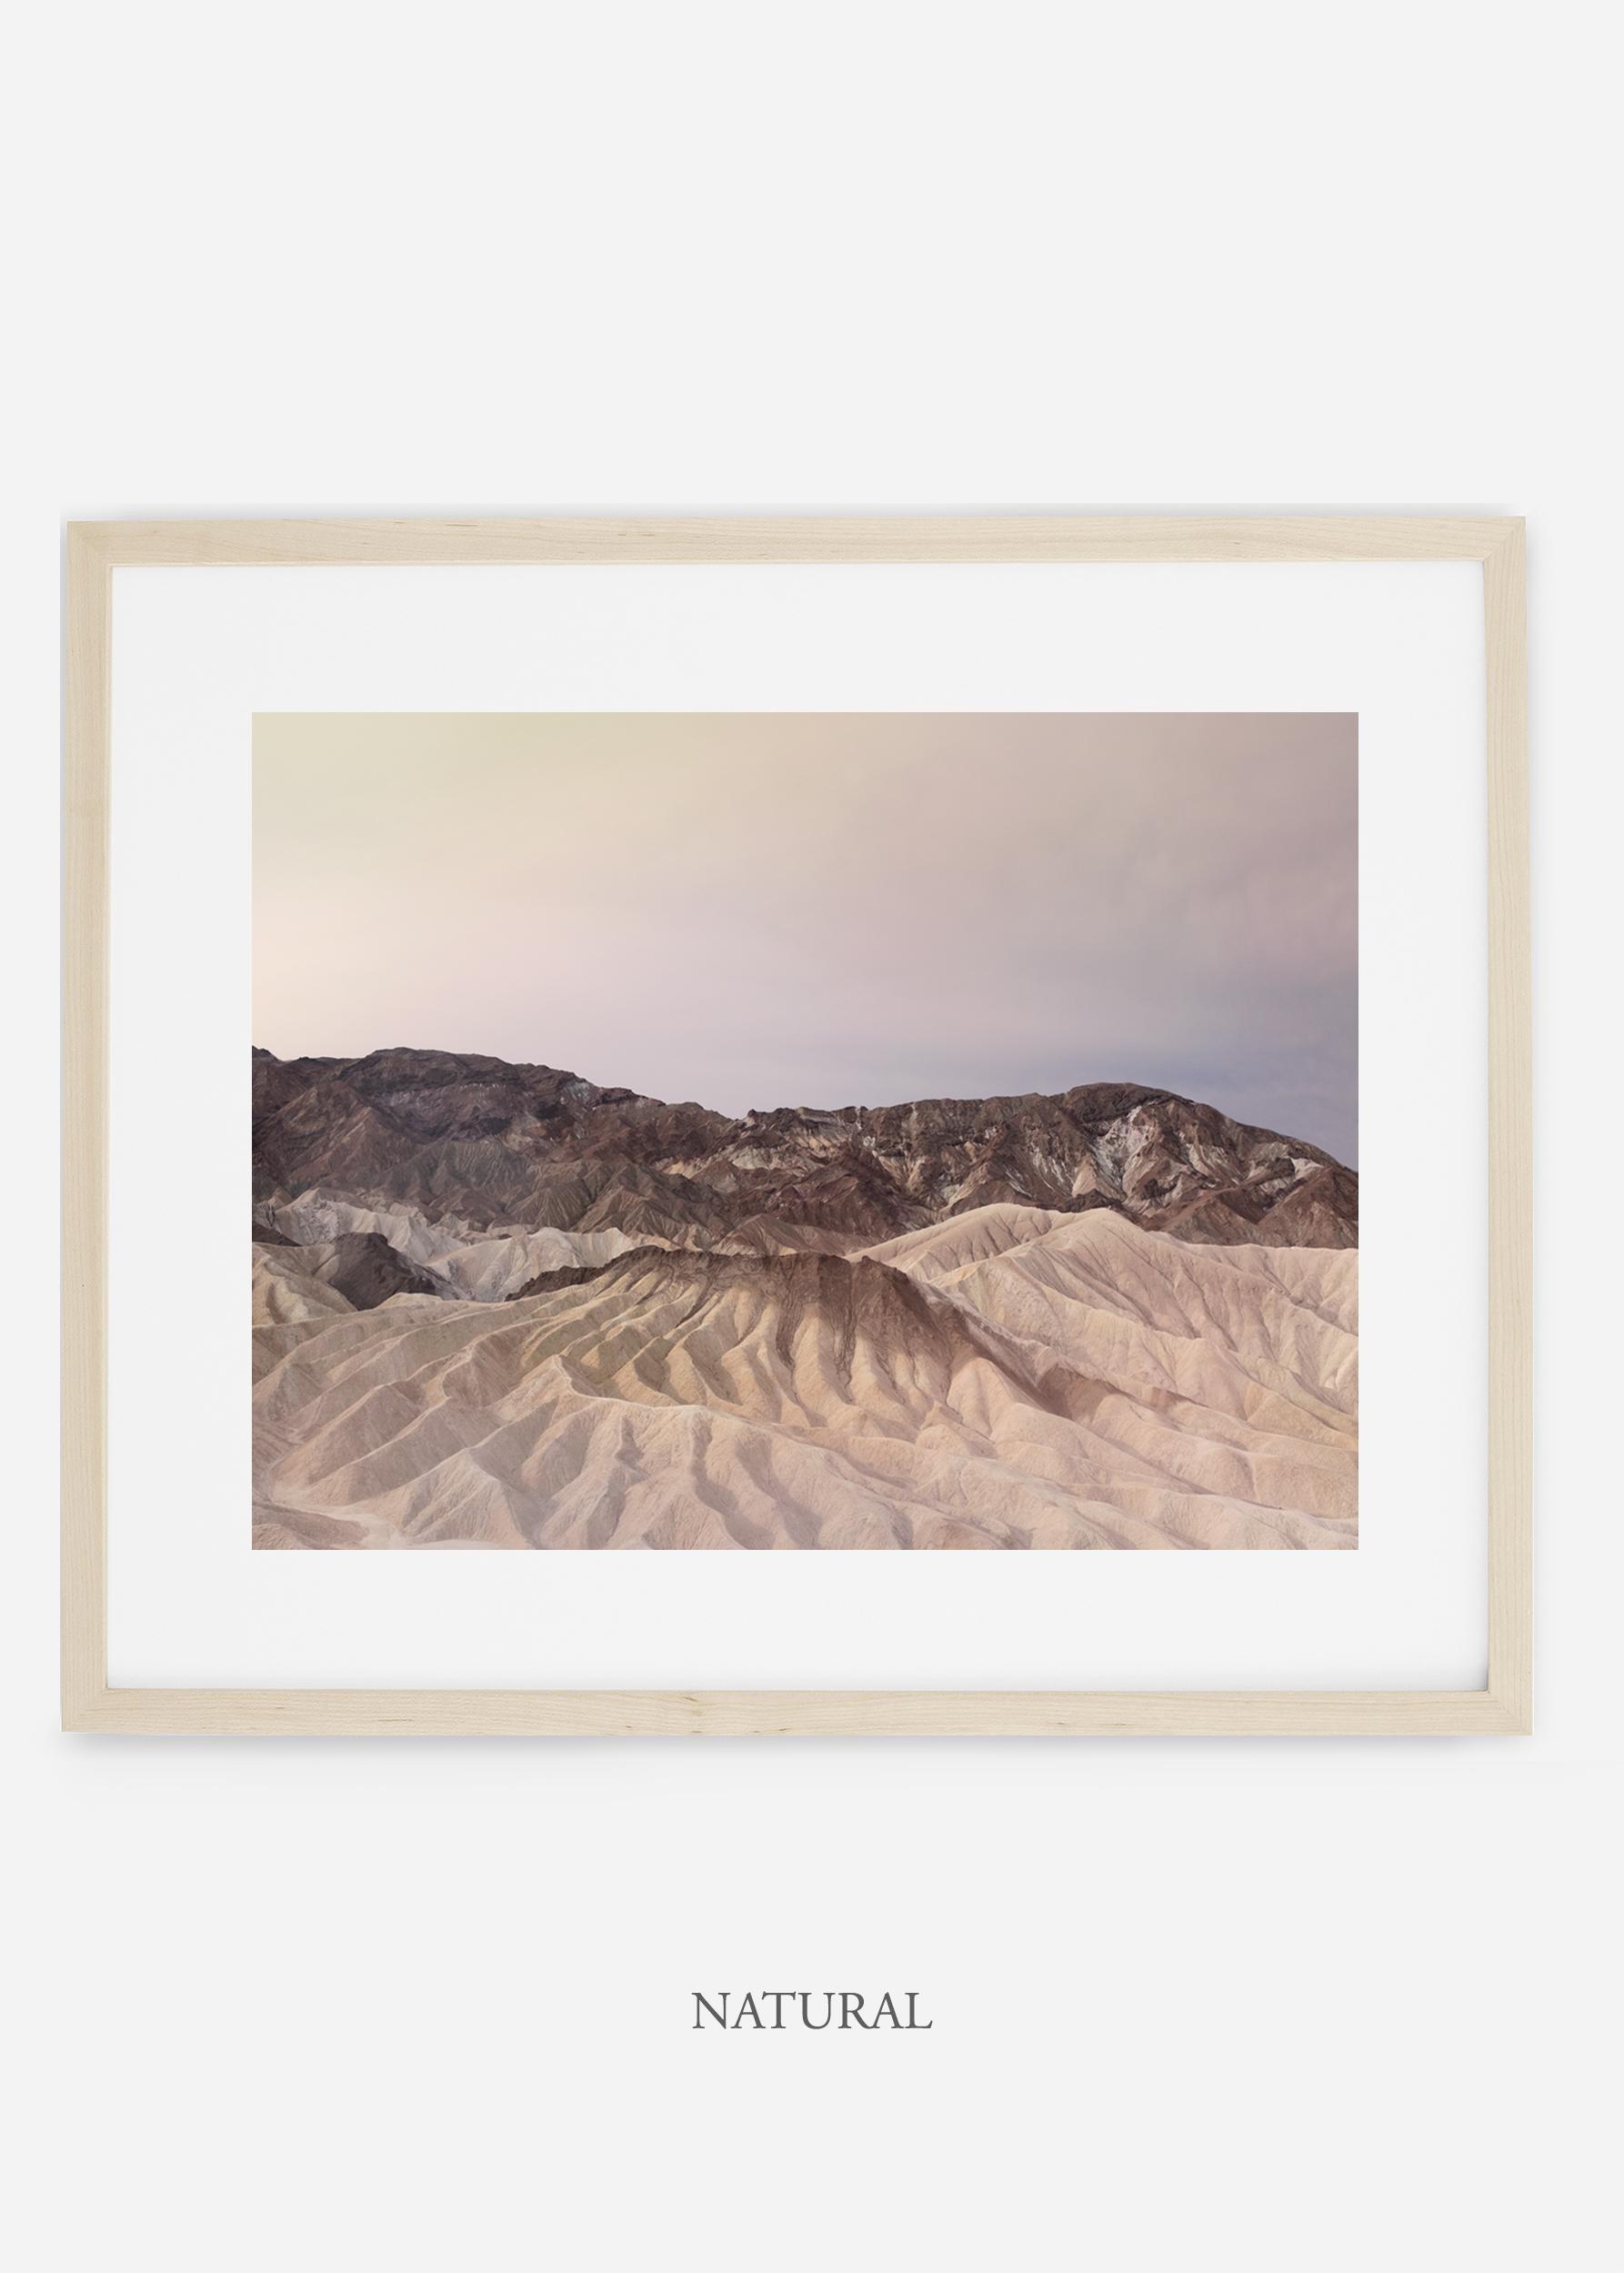 wildercalifornia_naturalframe_deathvalley_13_minimal_desert_art_interiordesign_blackandwhite.jpg